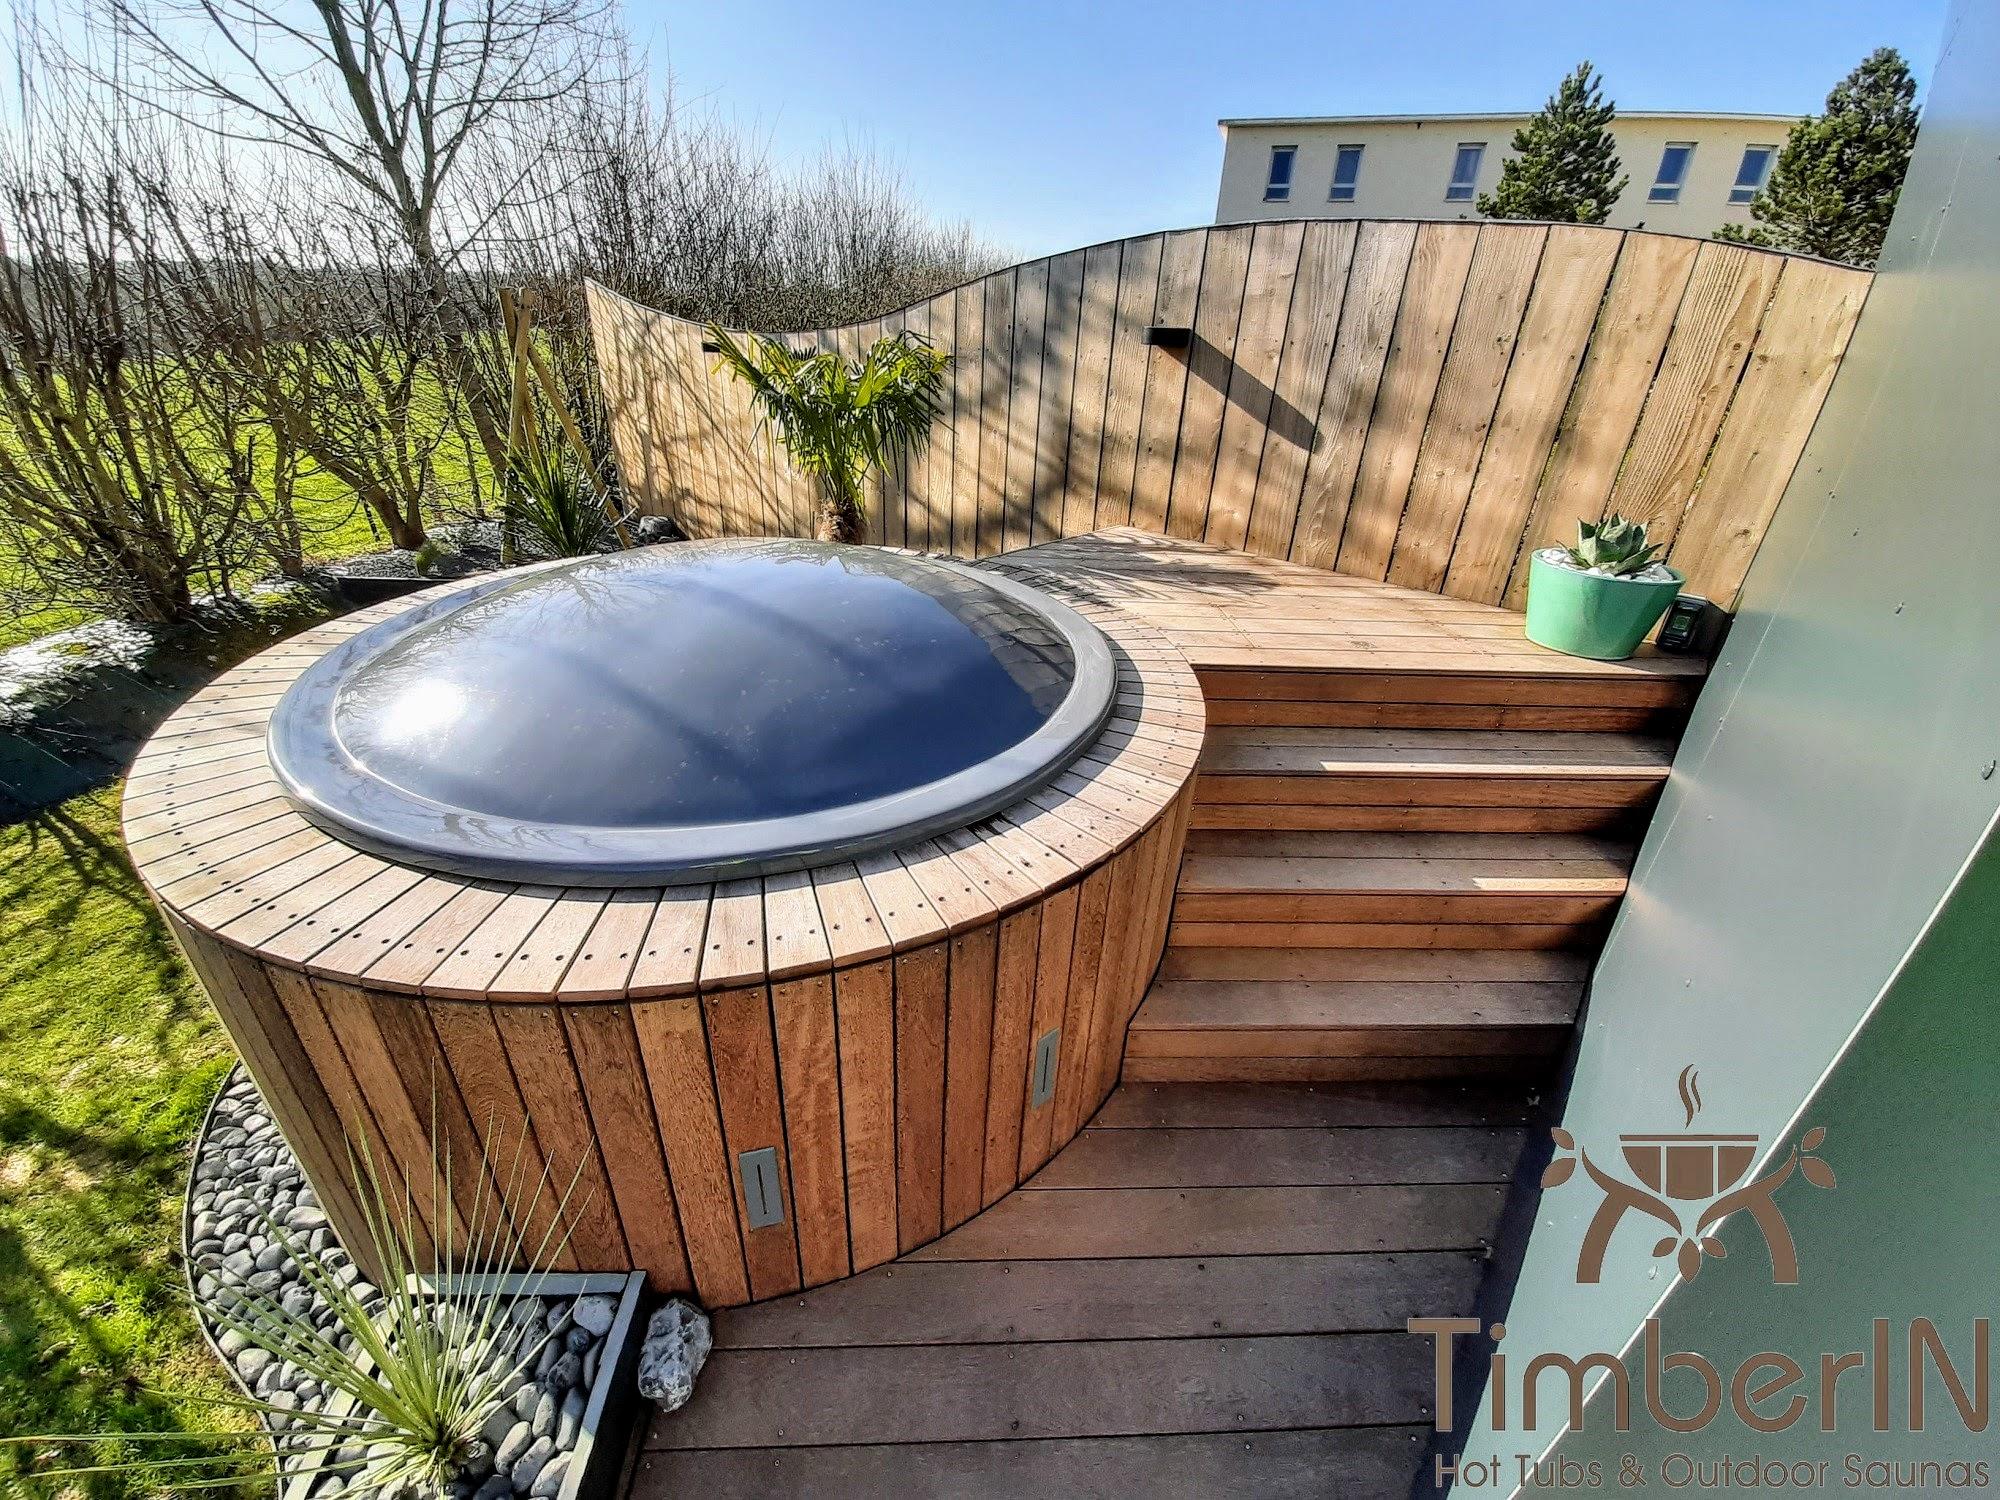 Badezuber Badefass Einbaumodell Einsatz Eingraben Eingelassen 5